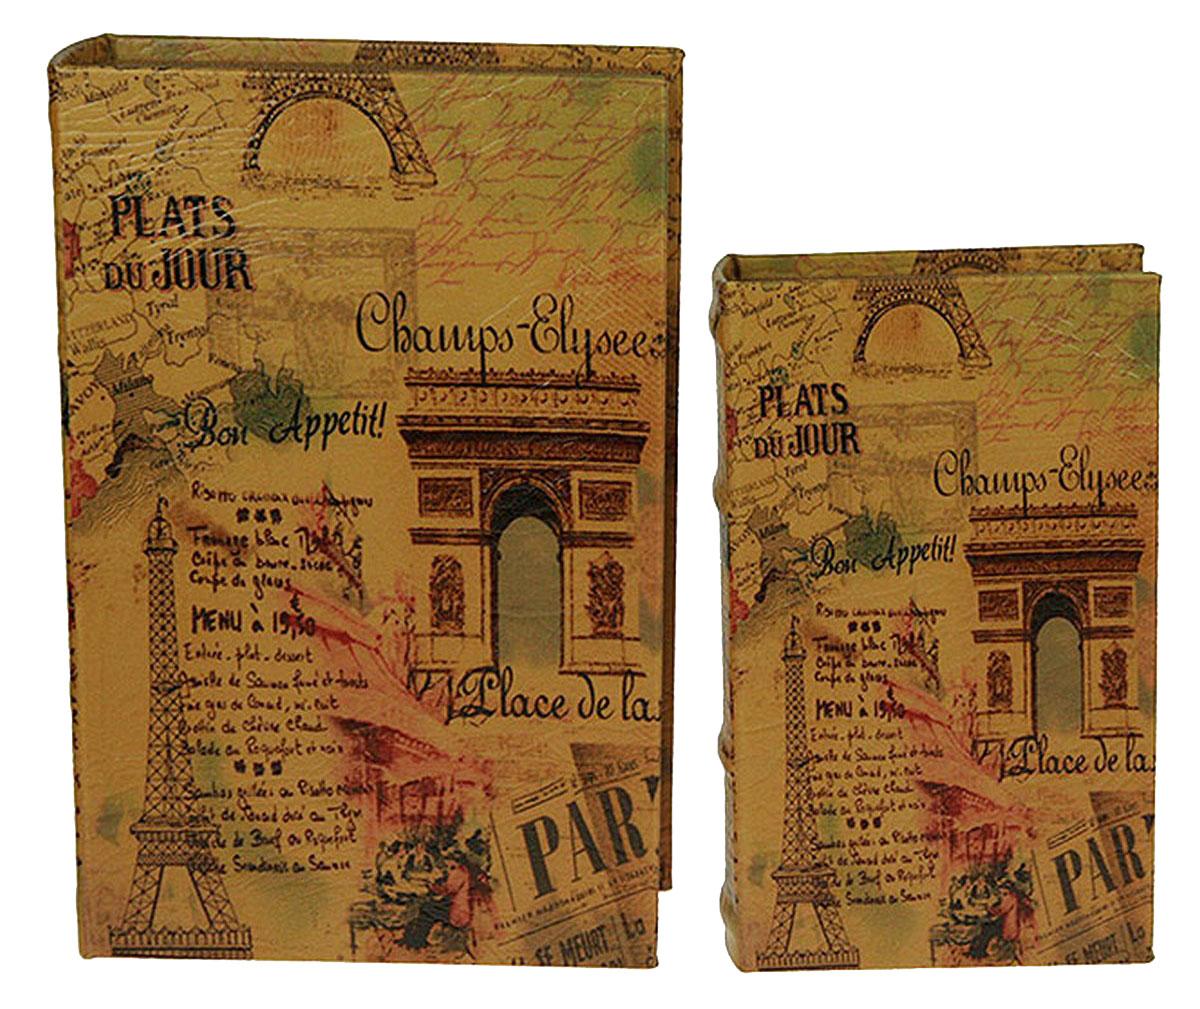 Набор шкатулок-фолиантов Win Max Франция, 2 шт, 27 х 18 х 7 см. 18424134725Набор Win Max состоит из 2 шкатулок-фолиантов. Шкатулка-фолиант выполнена в виде книги. Оригинальное оформление шкатулки, несомненно, привлечет к себе внимание.Поверхность шкатулки-фолианта выполнена из МДФ, обтянутого искусственной кожей. Внутри шкатулка отделана под дерево. Закрывается шкатулка на замок-магнит.Такая шкатулка может использоваться для хранения бижутерии, в качестве украшения интерьера, а также послужит хорошим подарком для человека, ценящего практичные и оригинальные вещи.